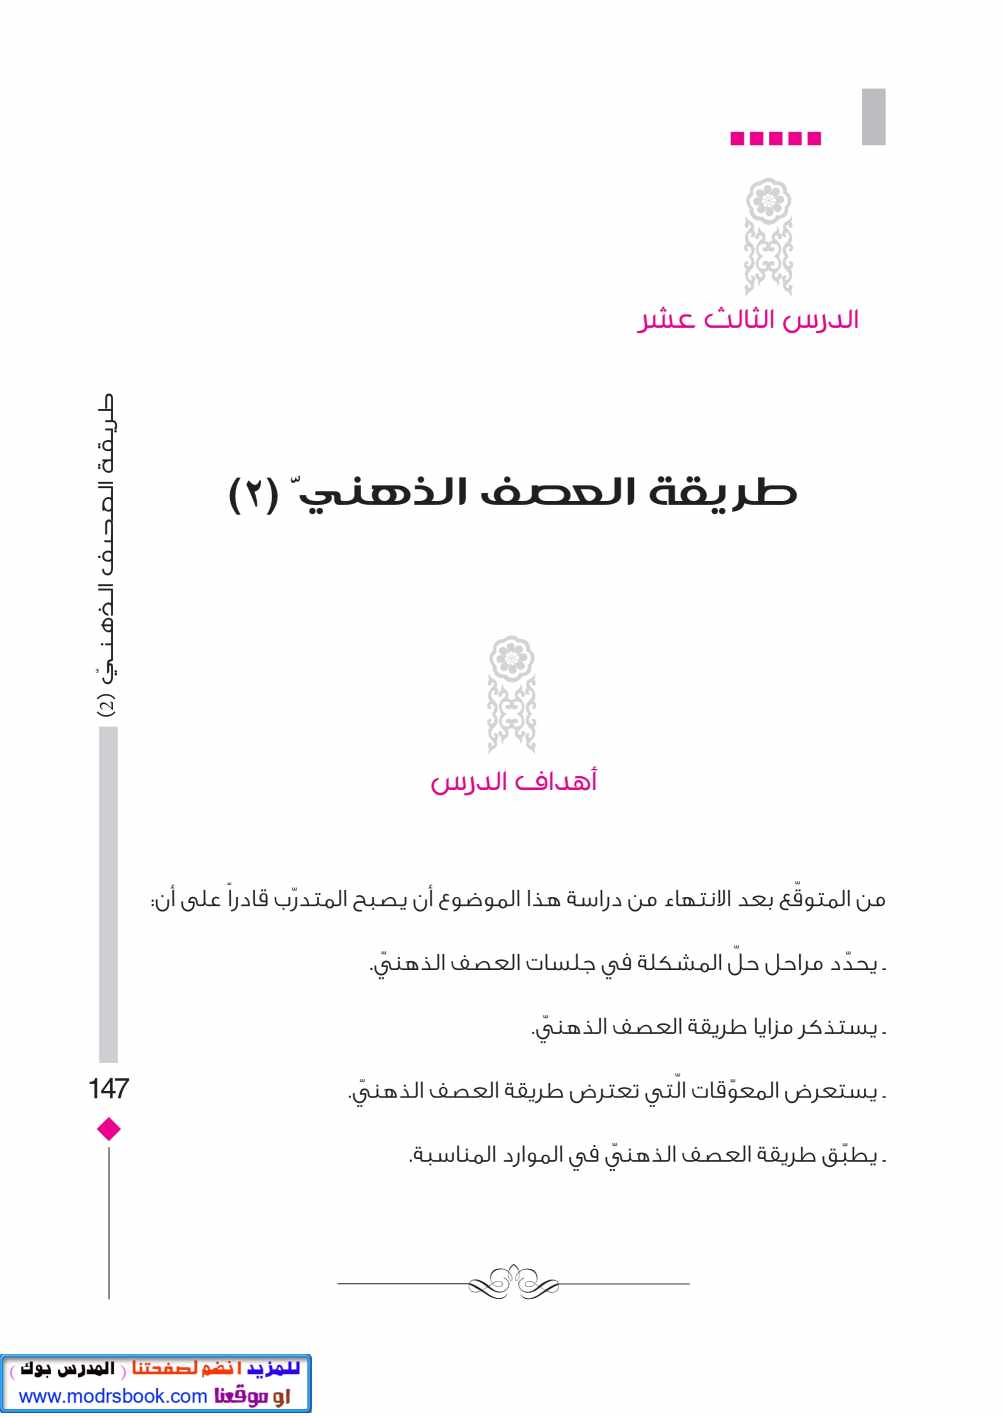 كتاب الاختبارات والمقاييس النفسية pdf